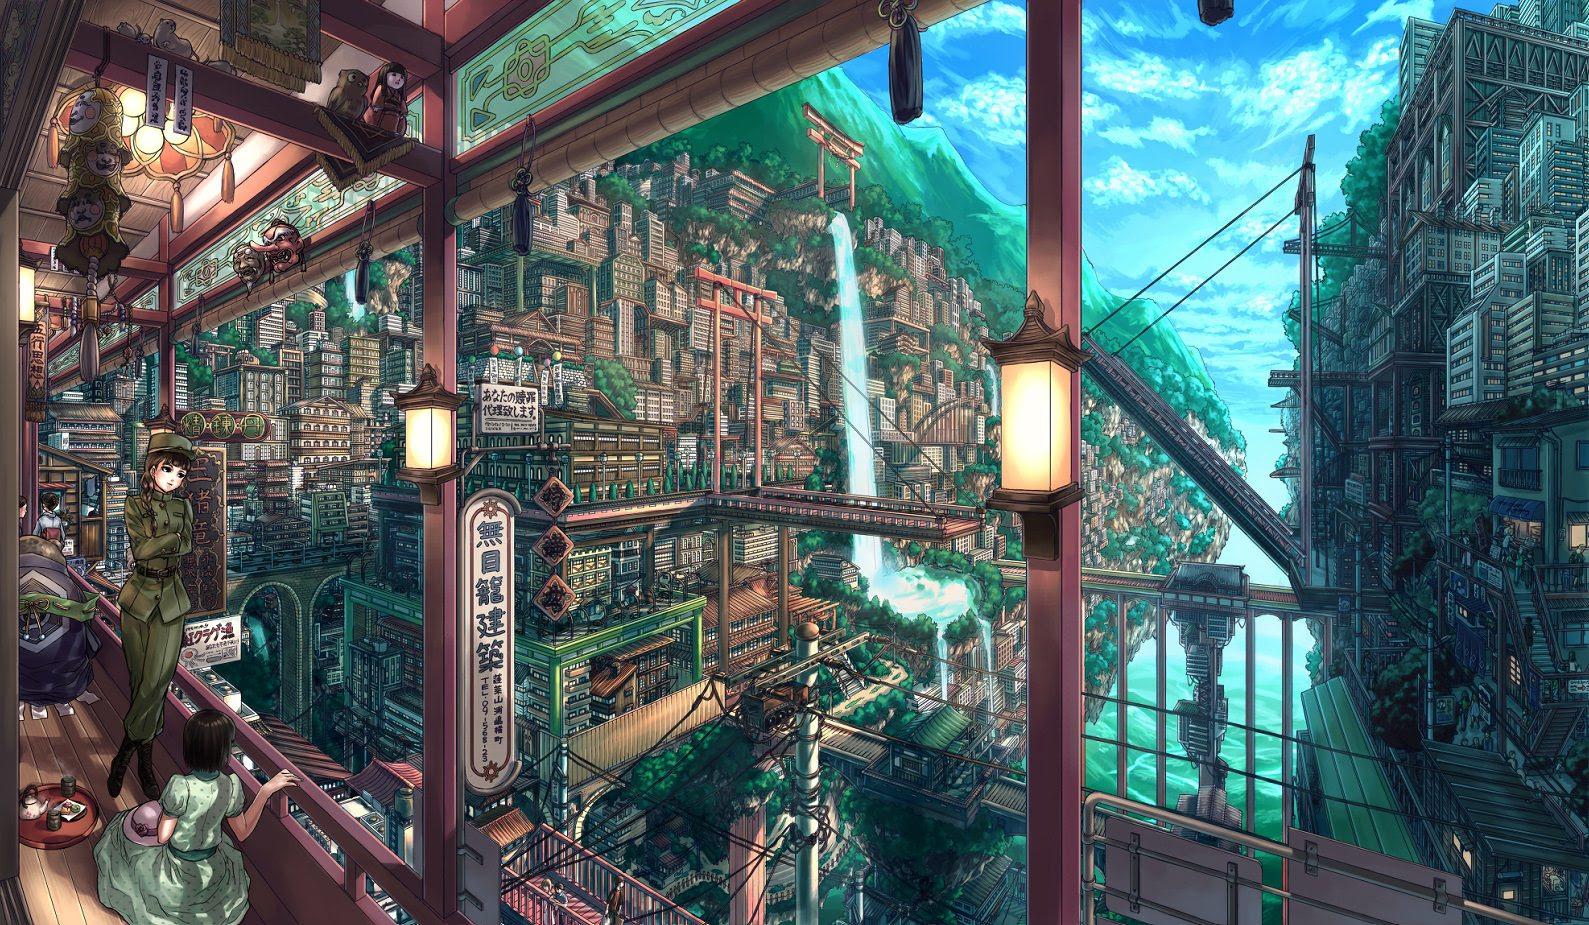 幻想的ファンタジー実在するなら行ってみたい空想の街 Naver まとめ